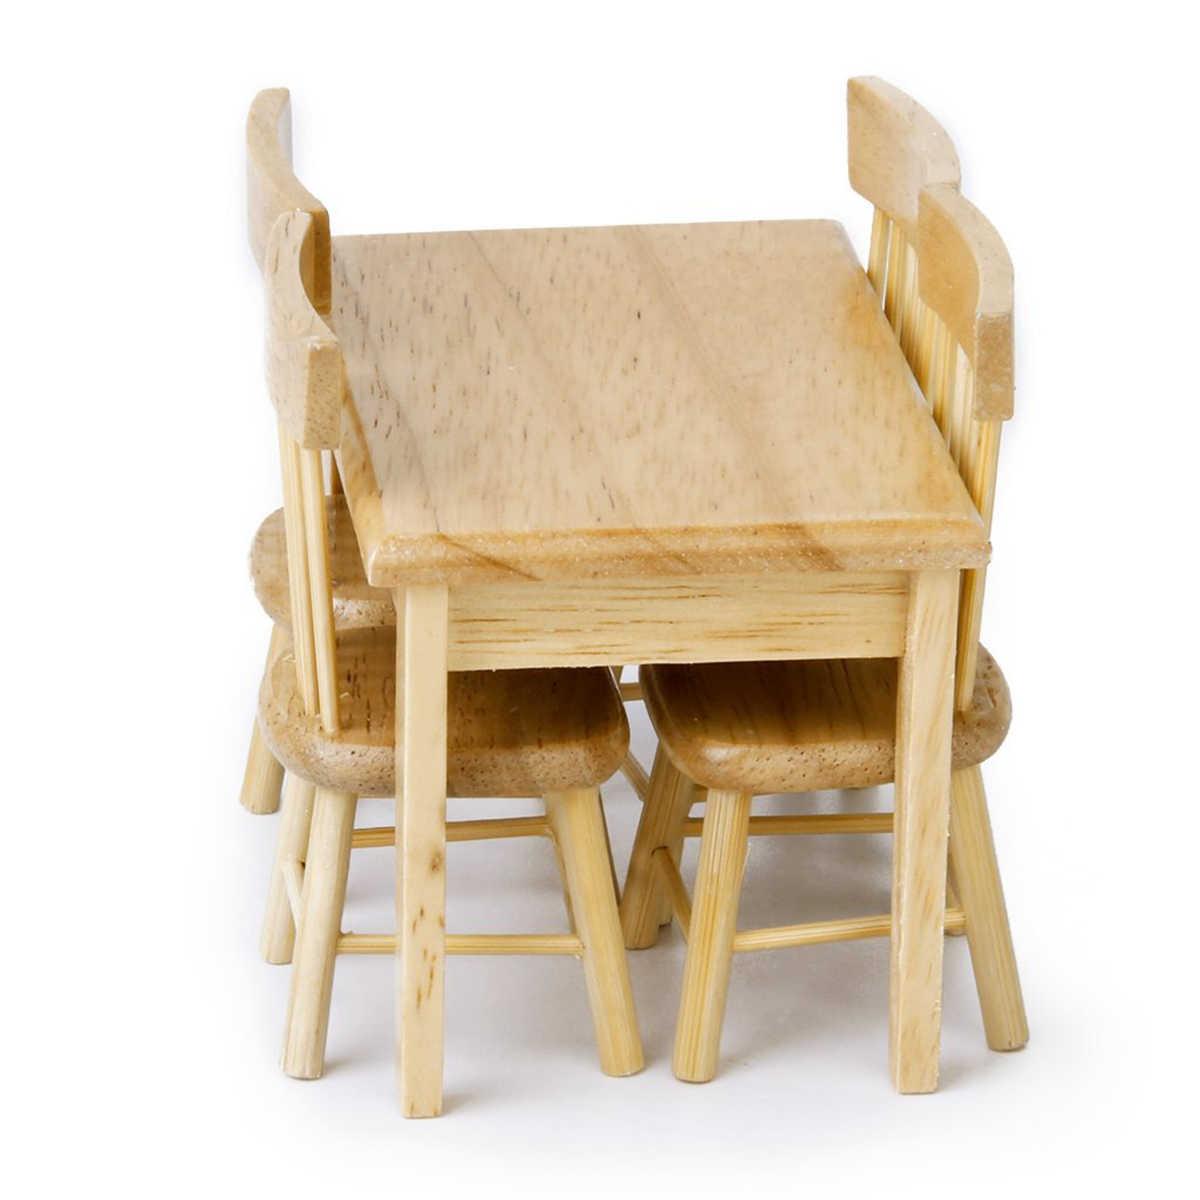 5 pçs/set 1/12 Dollhouse Miniature Cadeira Mesa de Jantar Conjunto de Móveis Para Crianças Brinquedos De Madeira